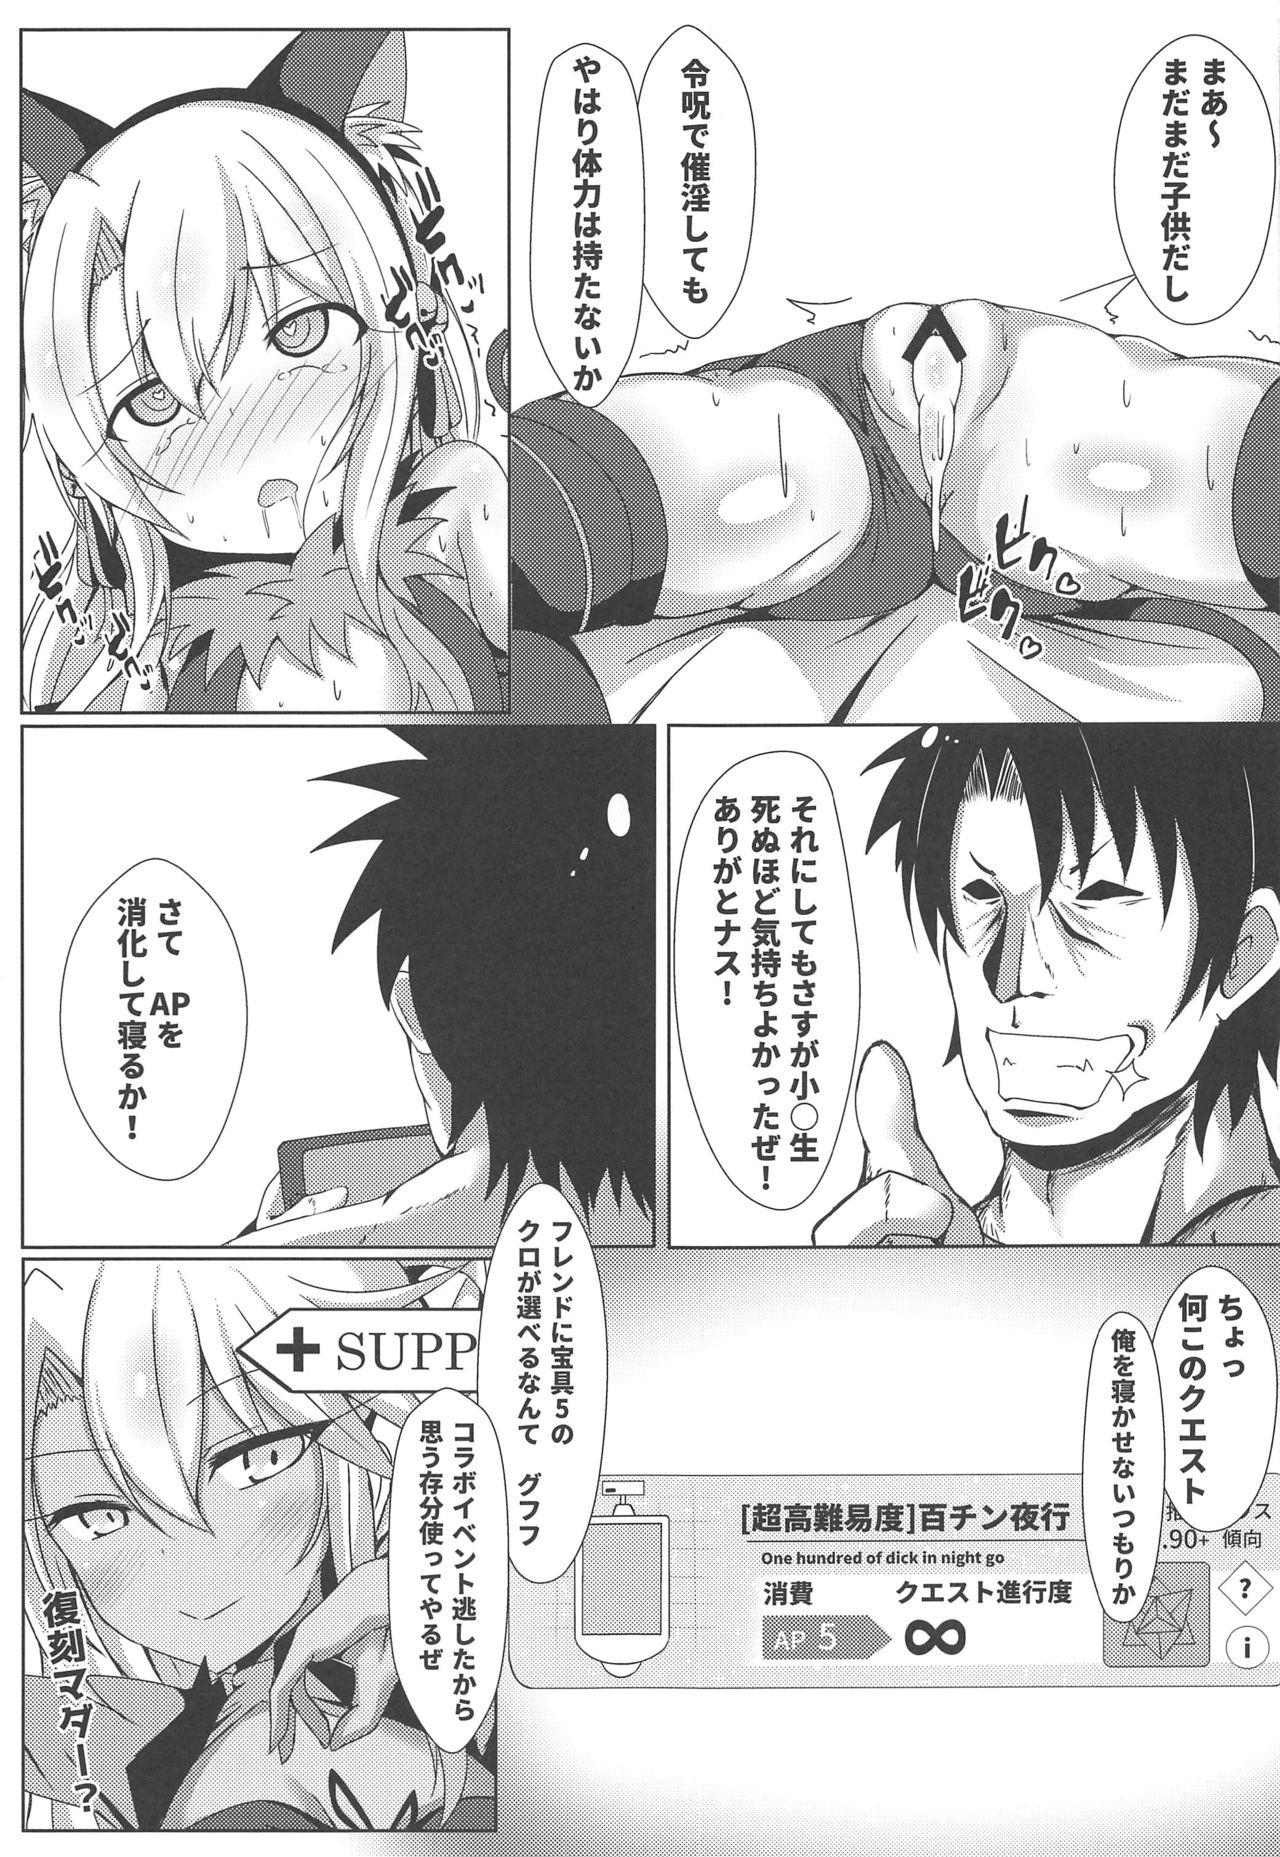 Mahou no Koushuu Toile Illya FUCK Hikenai!! 9